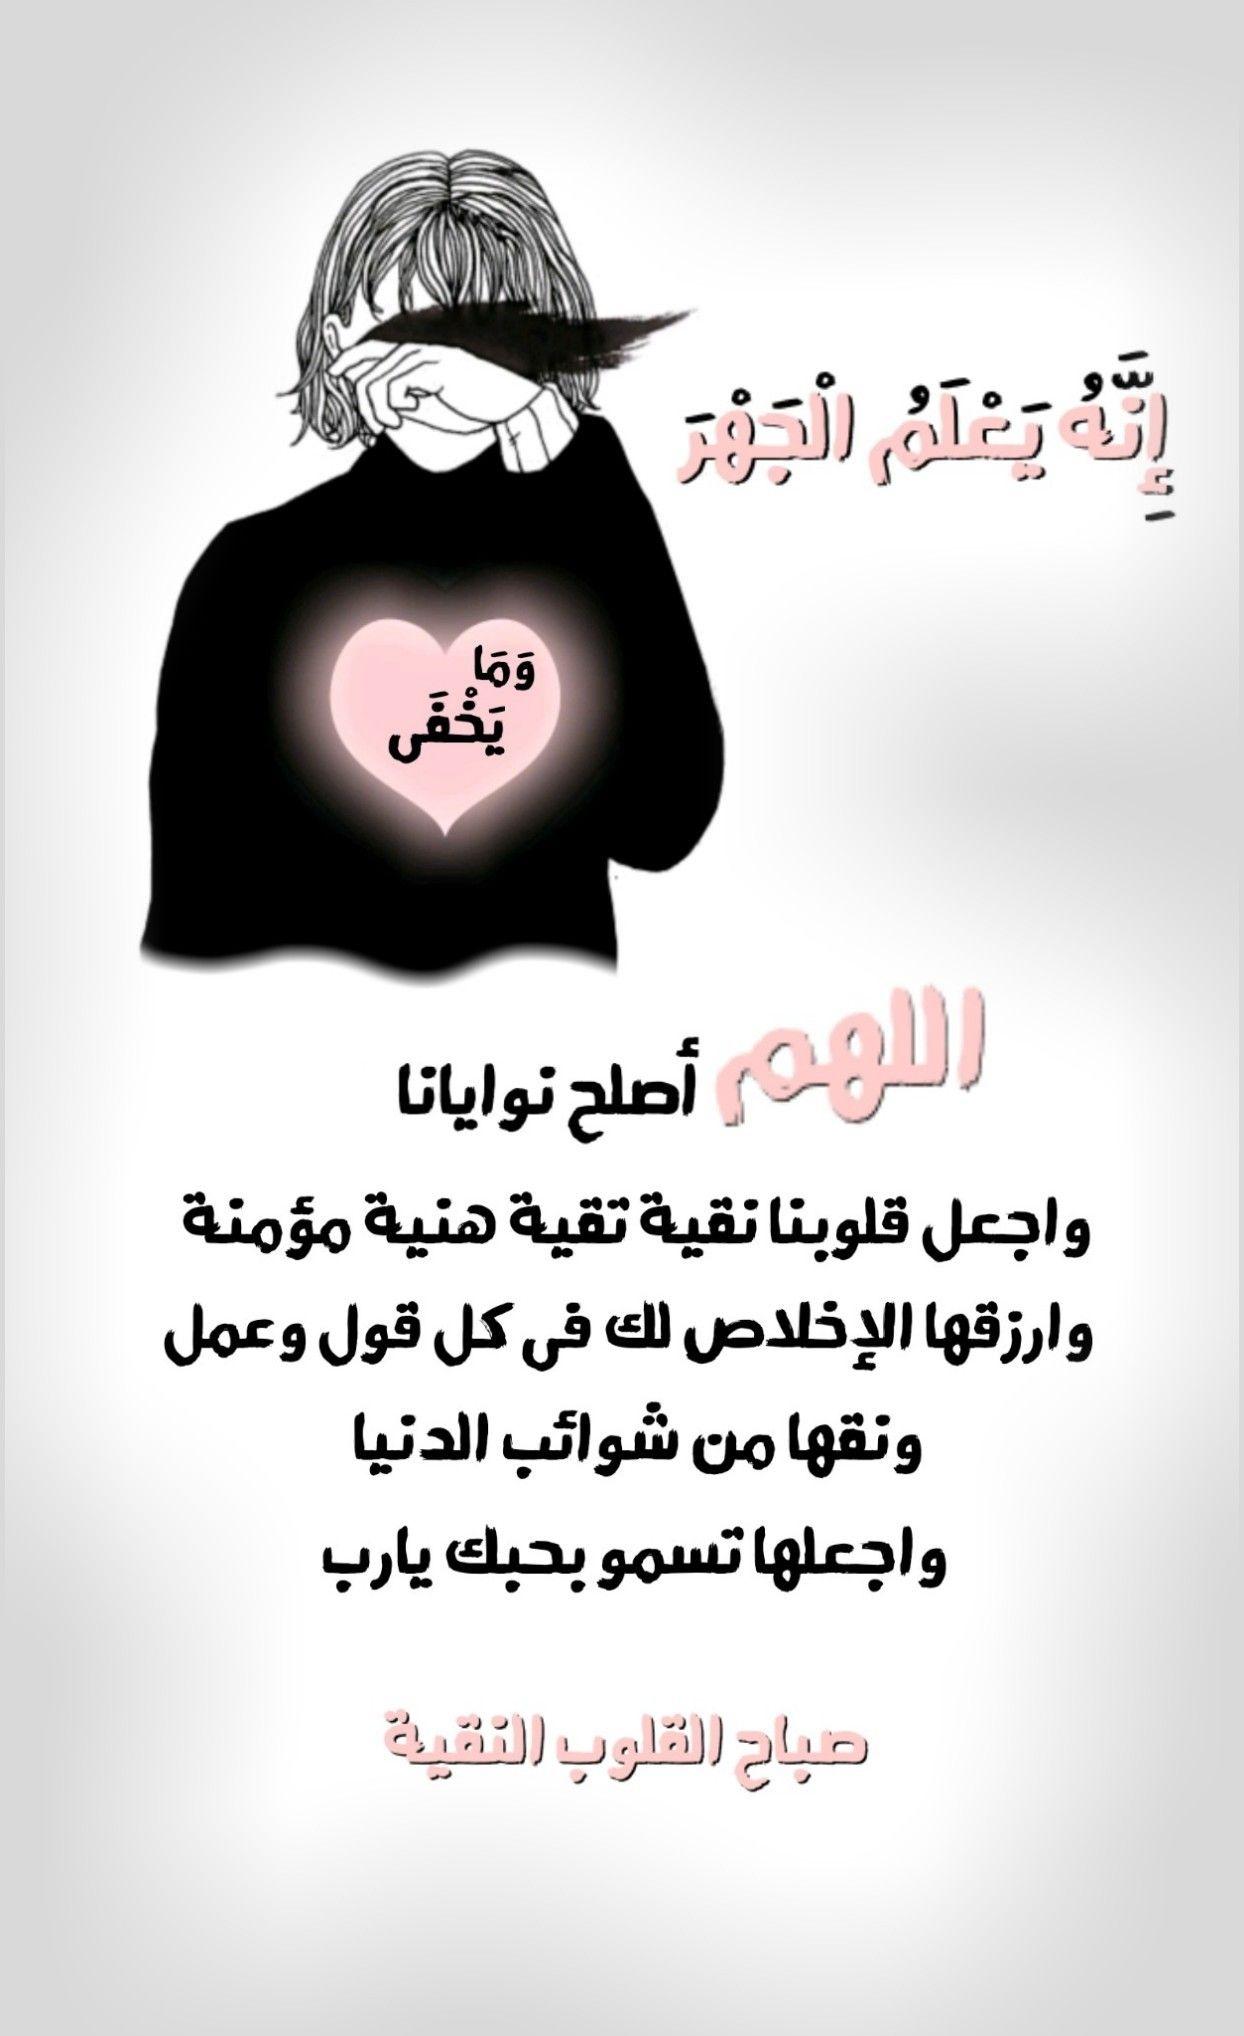 إ ن ه ي ع ل م ال ج ه ر و م ا ي خ ف ى اللهــــم أصلــح نـوايـانــا واجعل قلوبنا نقية تقية هنية مؤمن Islamic Quotes Quran Morning Greeting Islamic Quotes